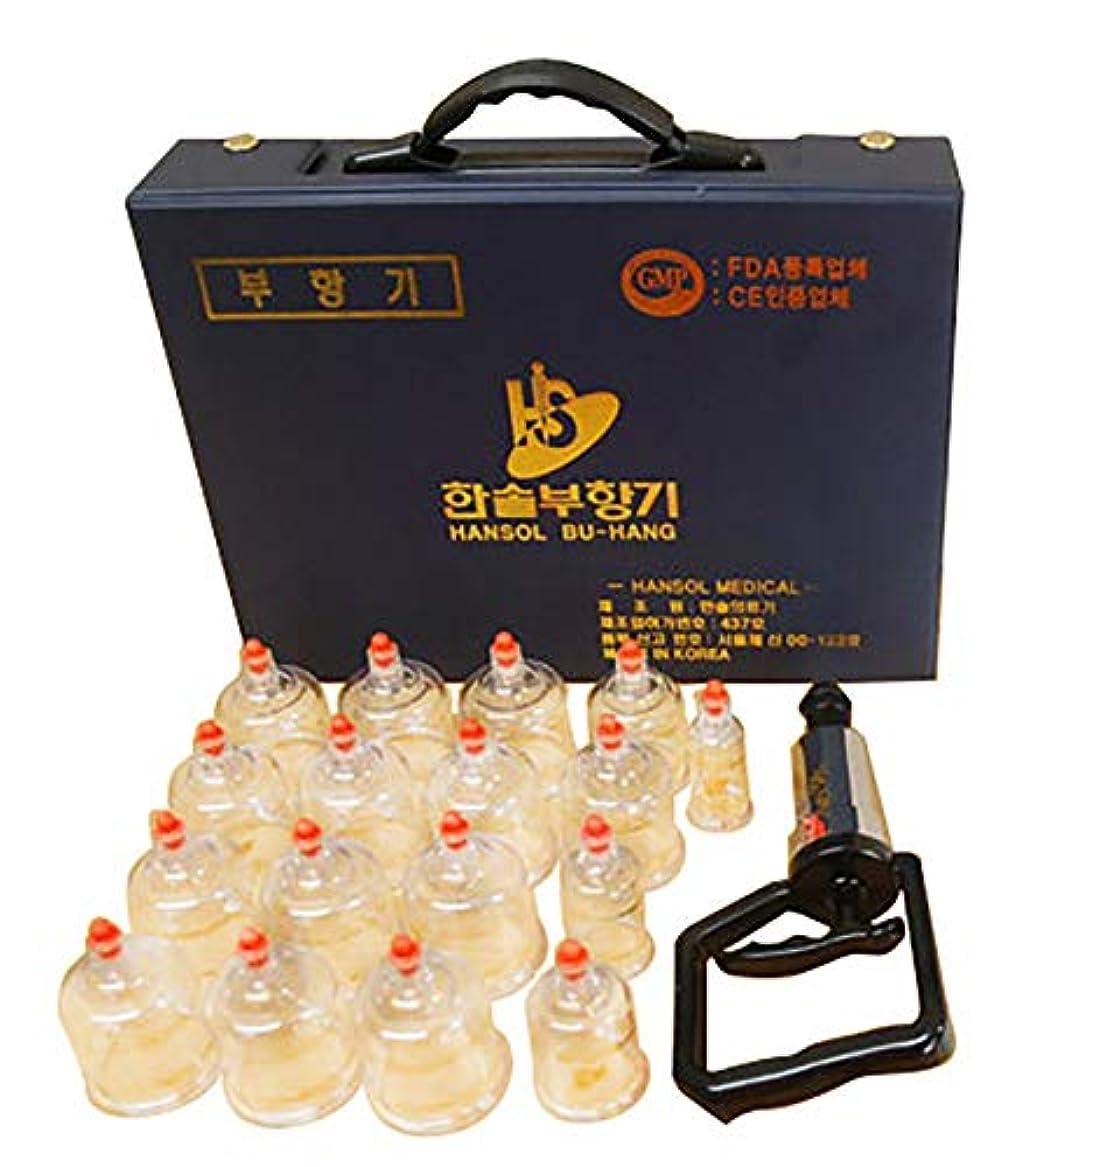 極小すみませんバーガー中国四千年の健康法「吸玉」がご家庭で手軽にできる!ハンソルメディカル ブハン カッピングカップ17個セット